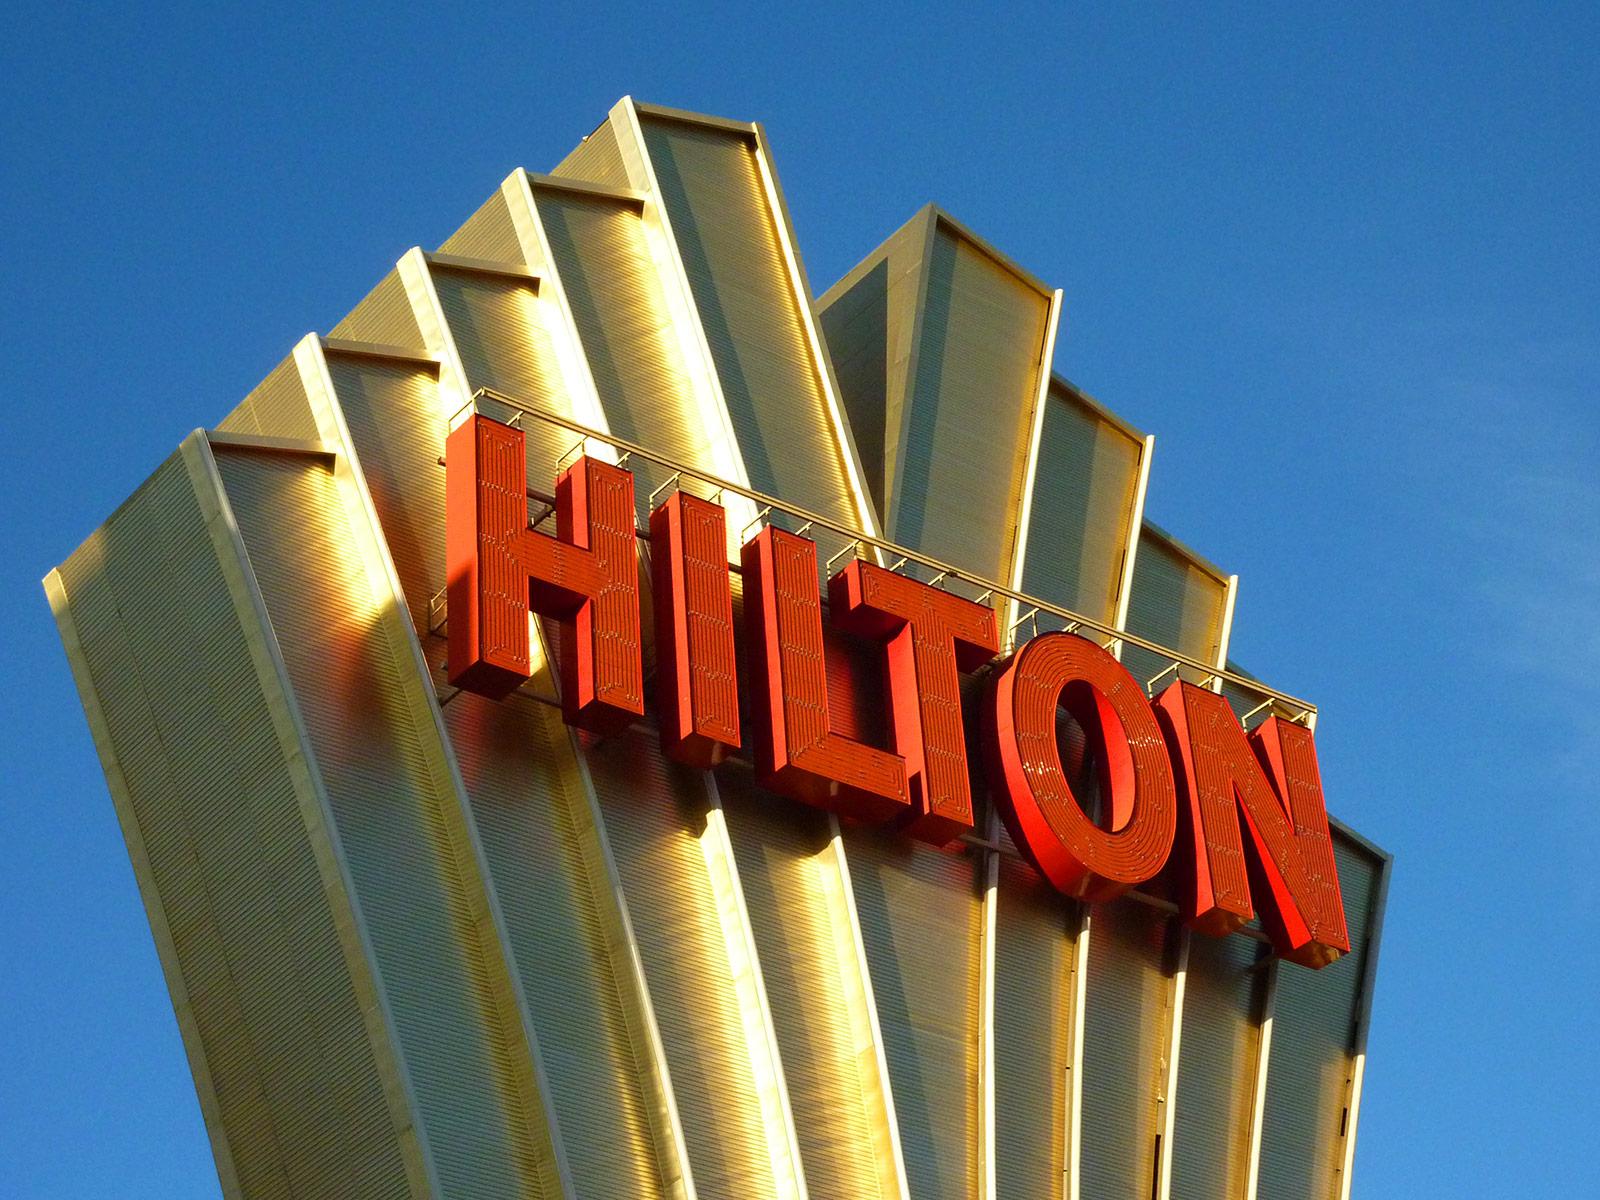 Hilton Hotel, Las Vegas, Nevada